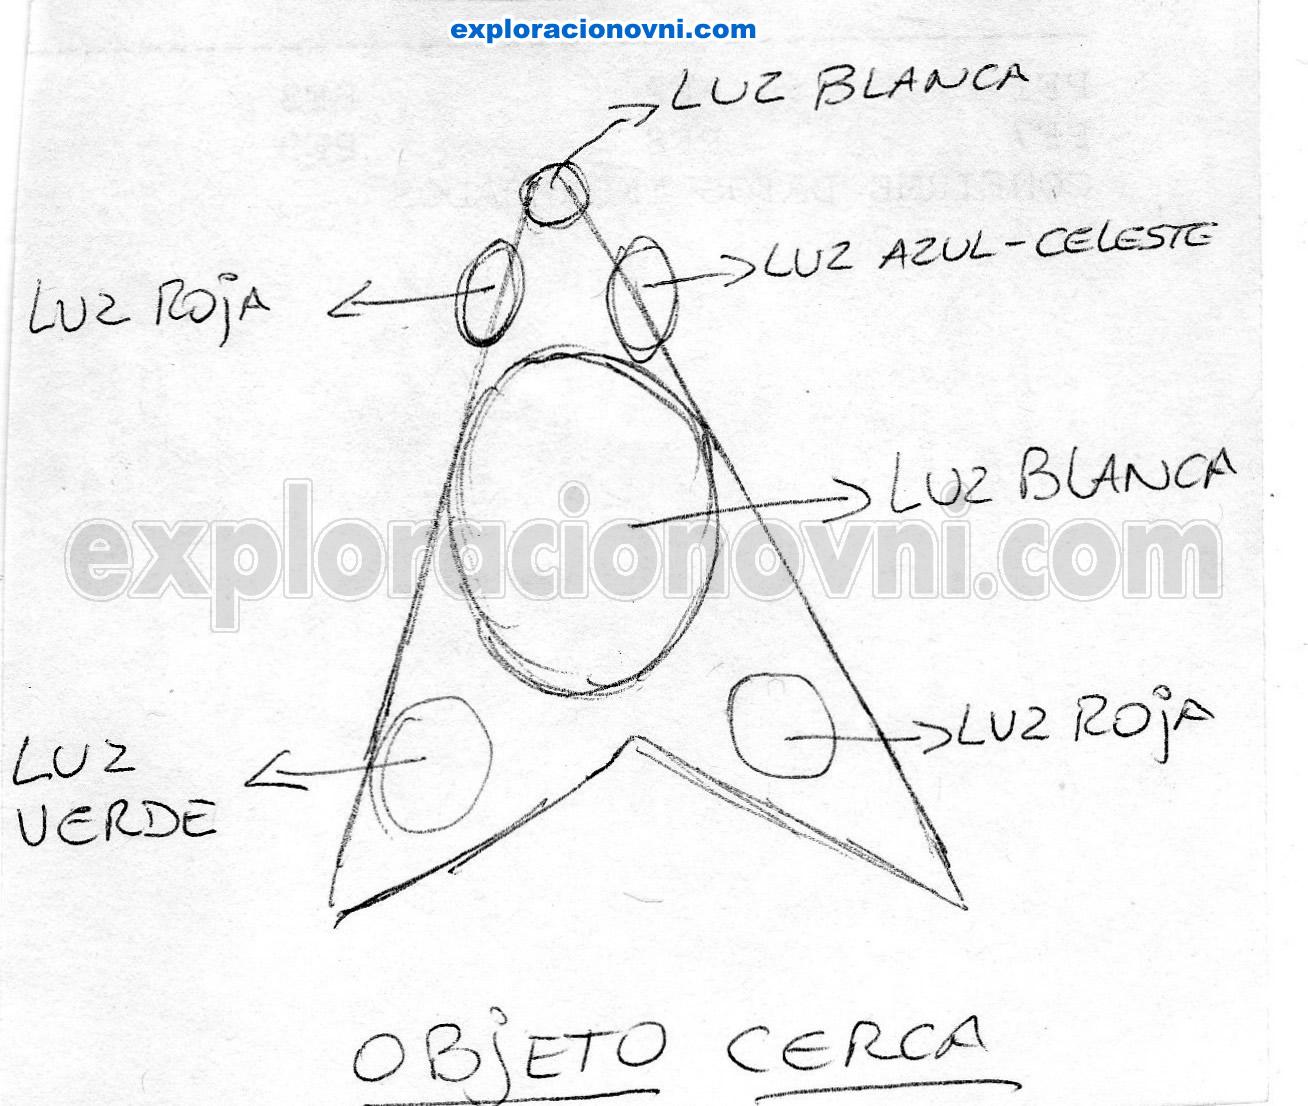 OVNI visto de cerca, exactamente cuando se posó encima de la testigo, a gran altura. Se puede ver la forma triangular, las luces de colores que emite el objeto y la luz blanca de su centro que podría ser su propulsor. Es muy similar al OVNI triangular visto en Bélgica. Tengan en cuenta que el OVNI no ha sido dibujado visto desde abajo, sino que el mismo se encontraba en posición vertical, y se plasmó de esa manera.